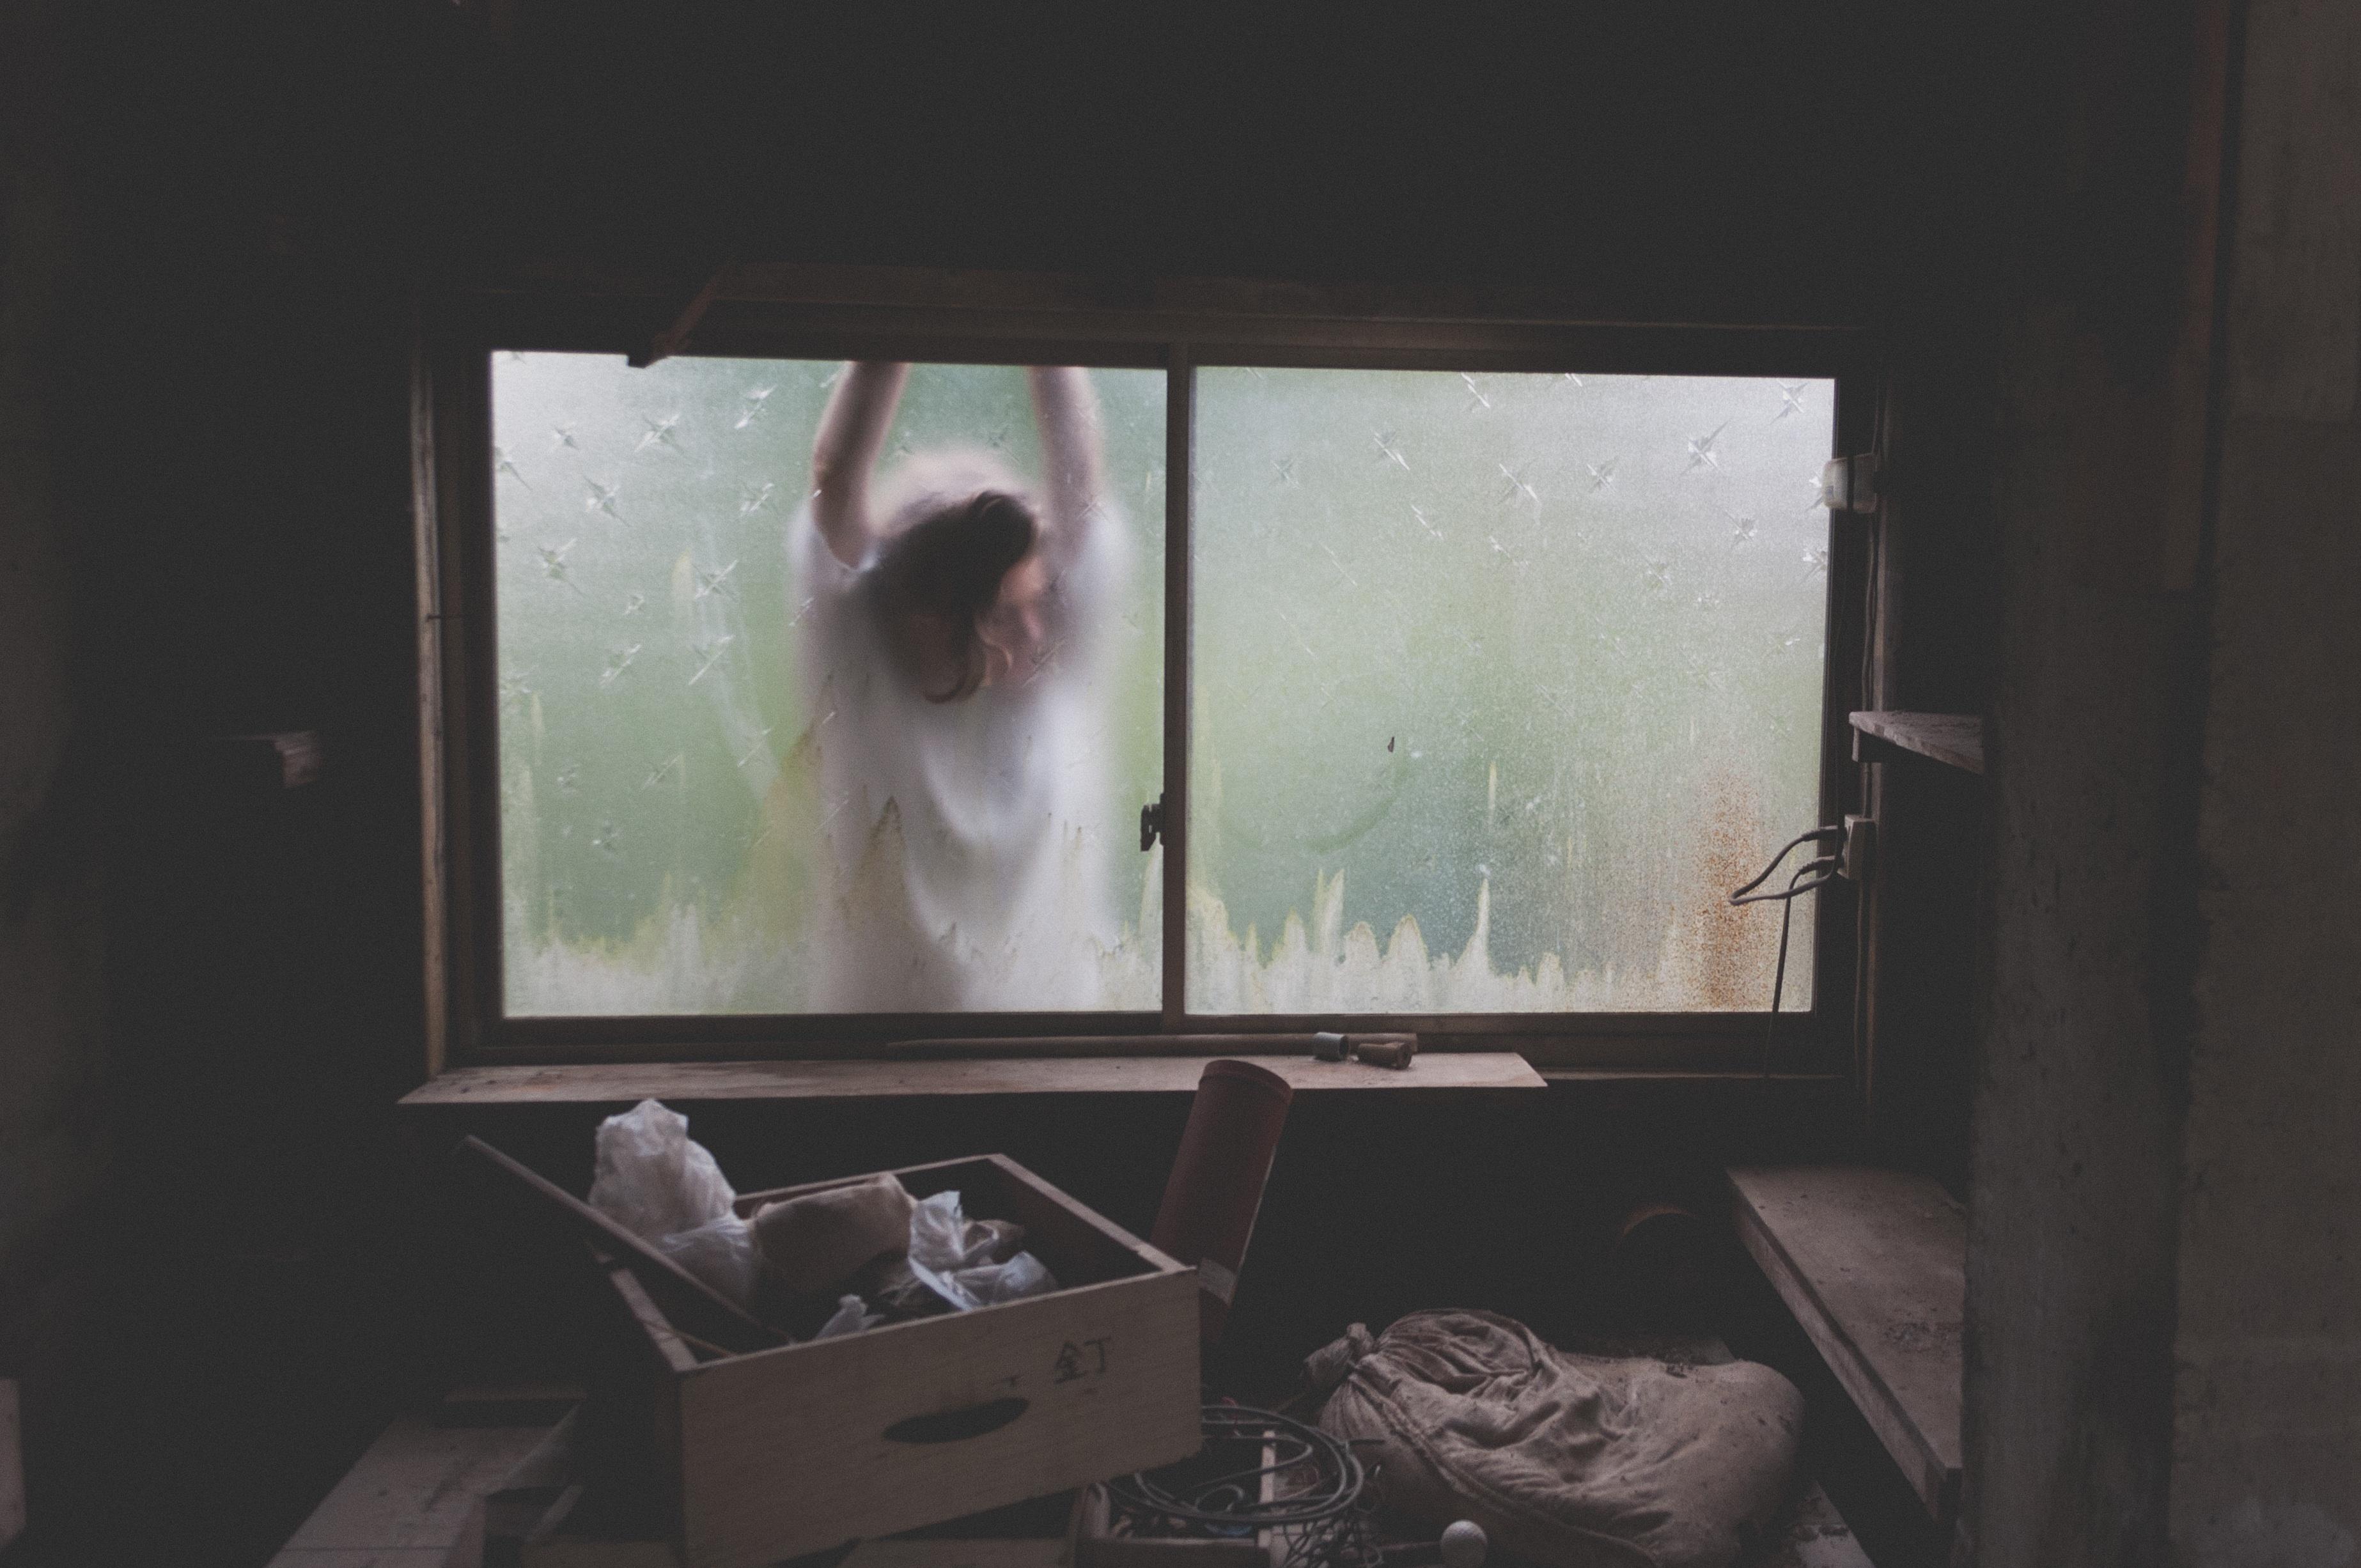 Kostenlose foto : Licht, Frau, Haus, Fenster, Mauer, Box, Zimmer ...